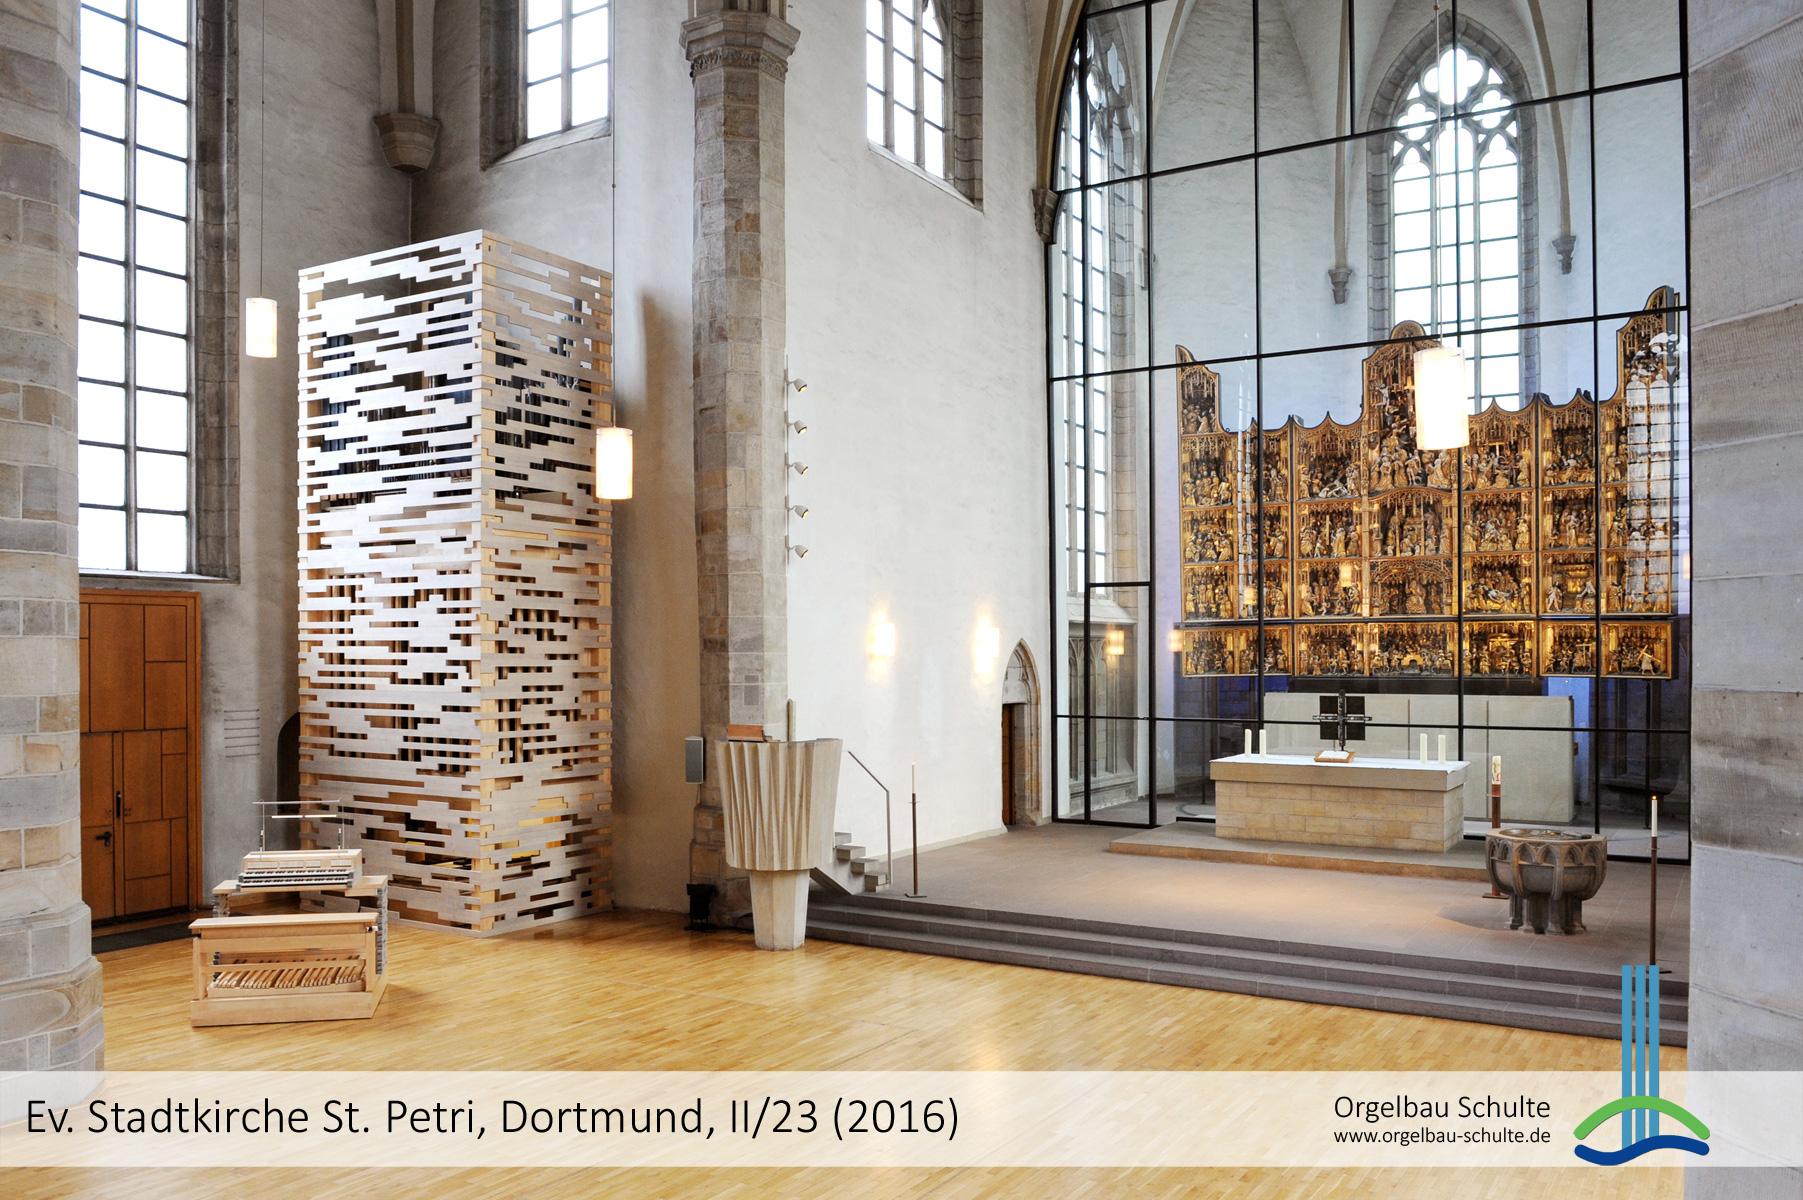 Dortmund-St-Petri